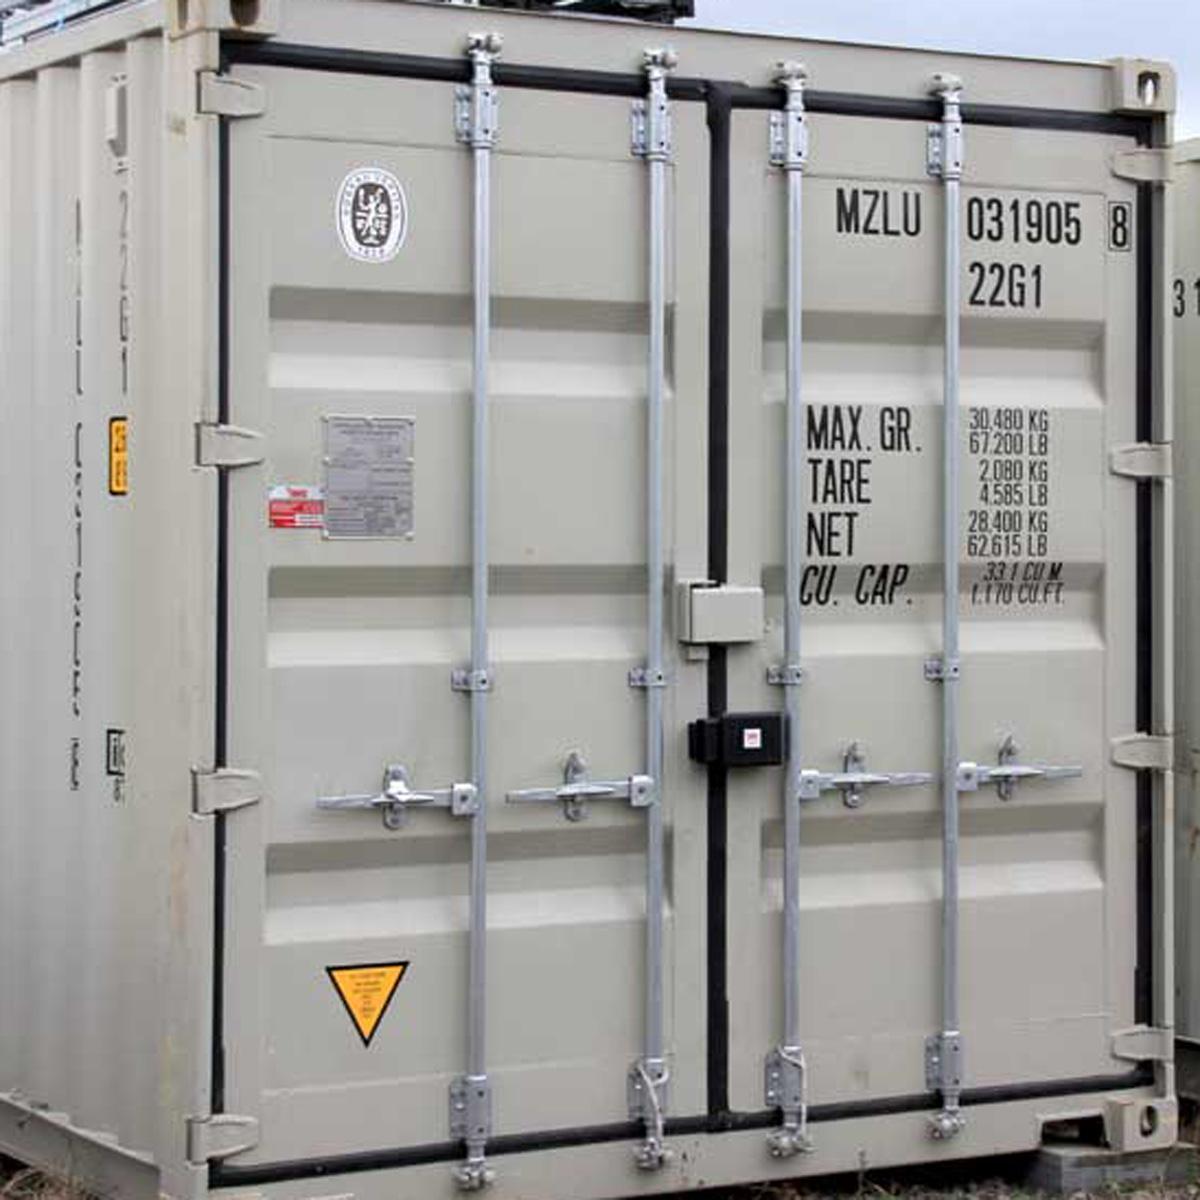 Festverschraubtes Containerschloss - VdS zertifiziert / Containerverriegelung